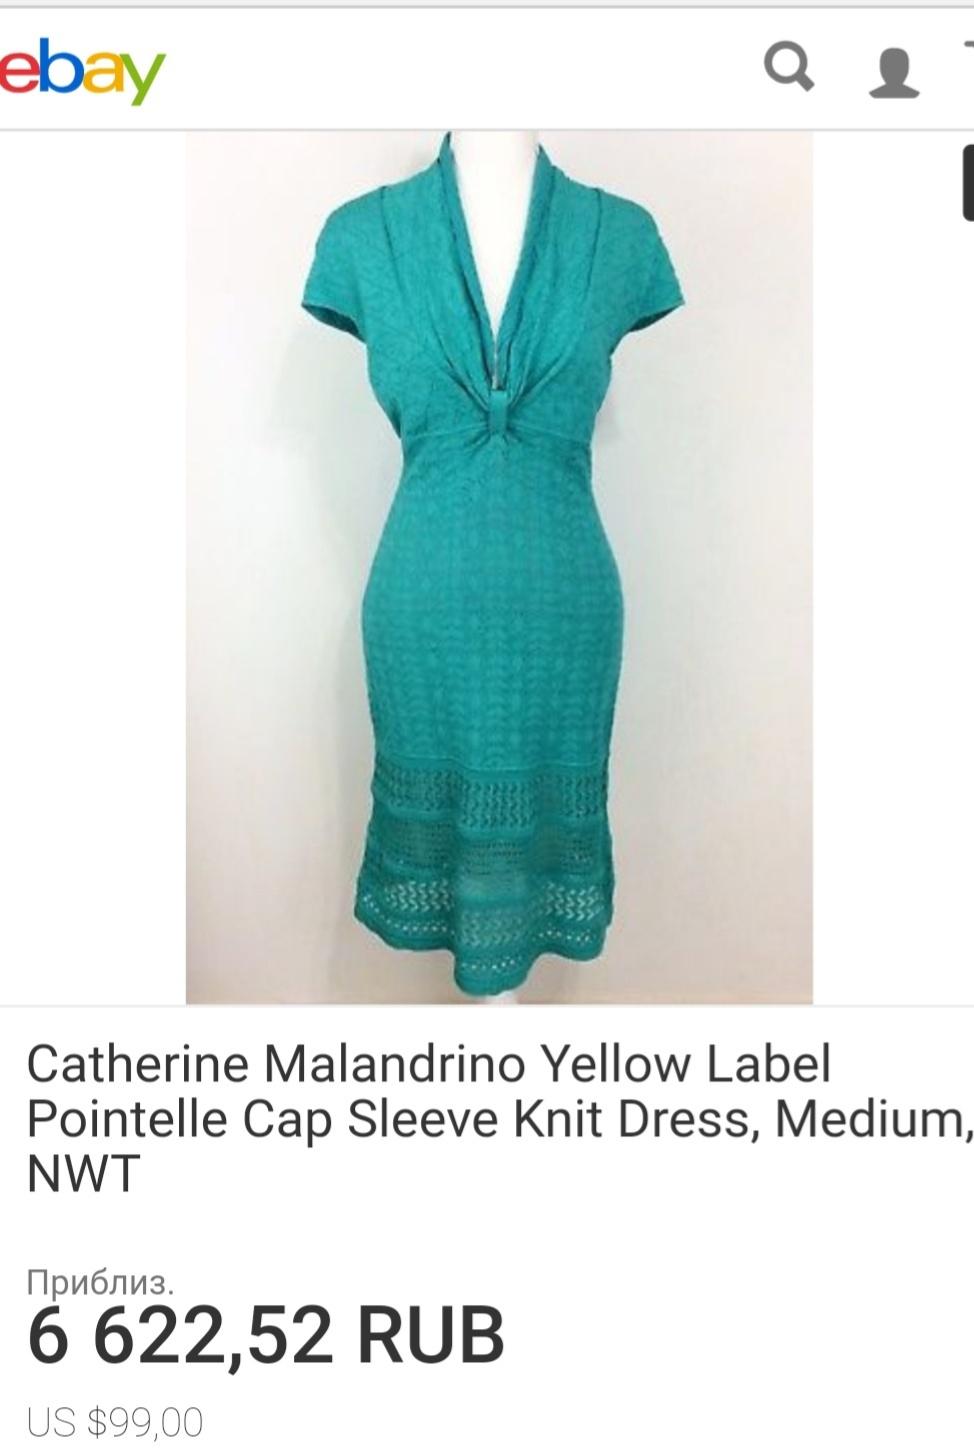 Платье. Catherine Malandrino. L/46/48